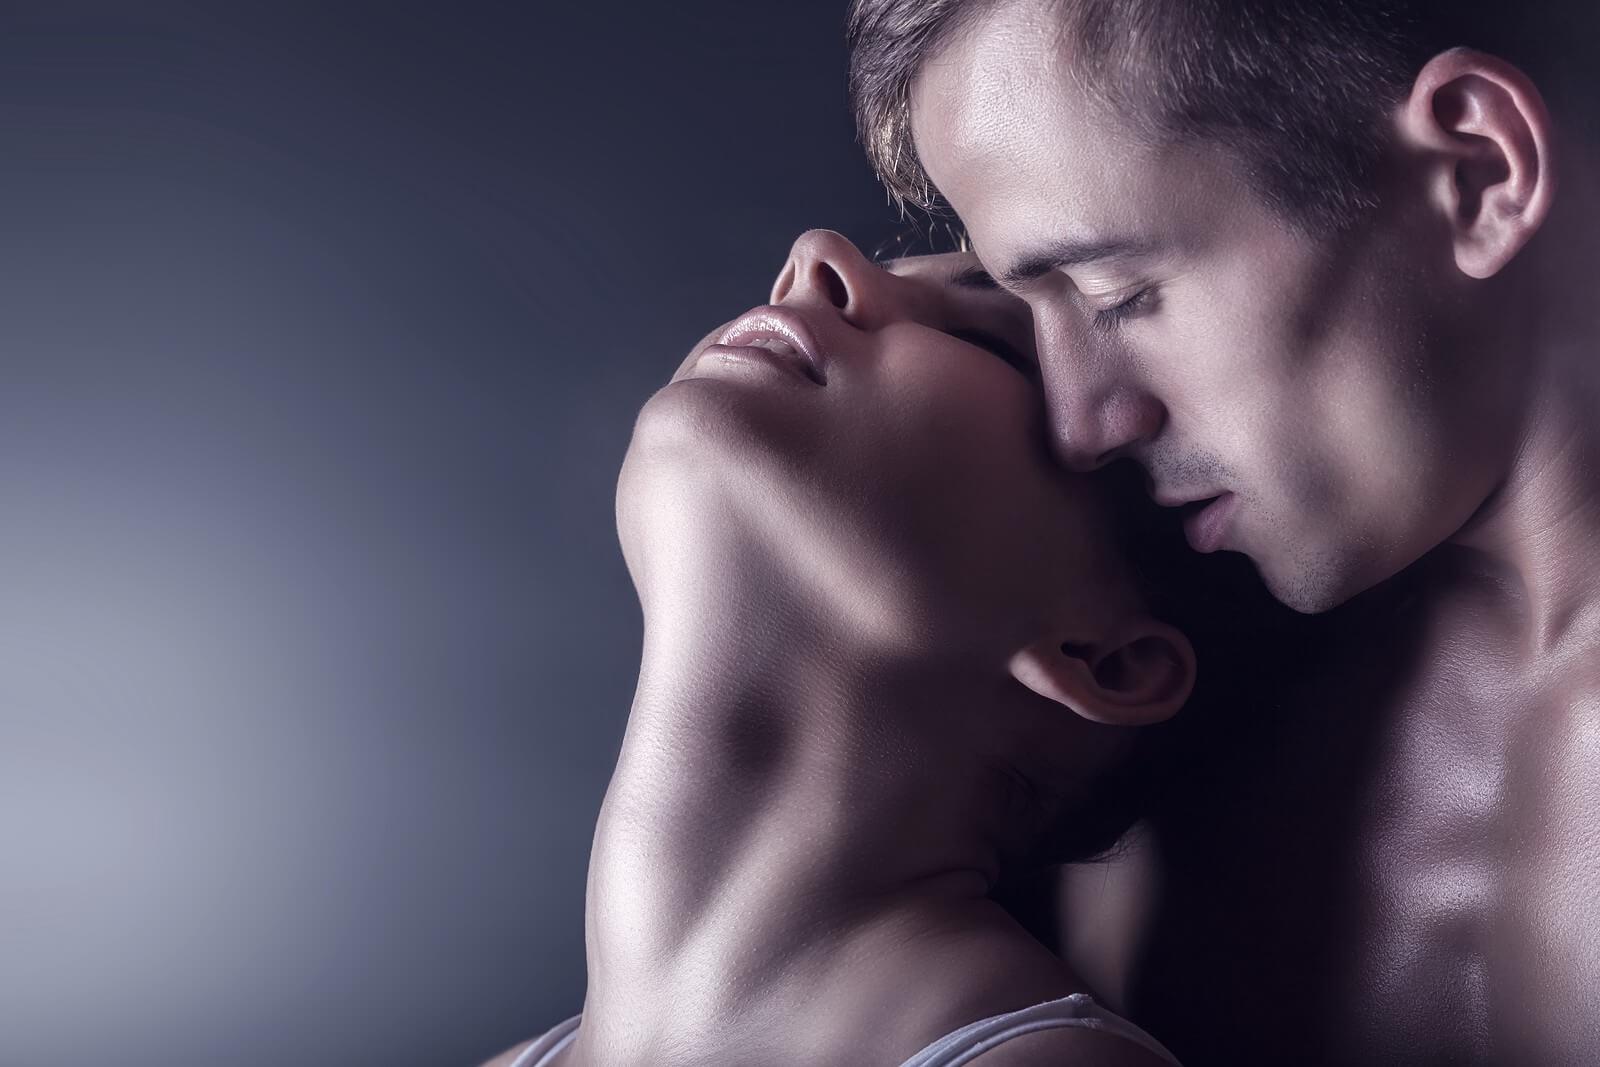 deepfake porn pornografia web - Site pornô usa método de deepfakes para exibir rosto do cliente em atores